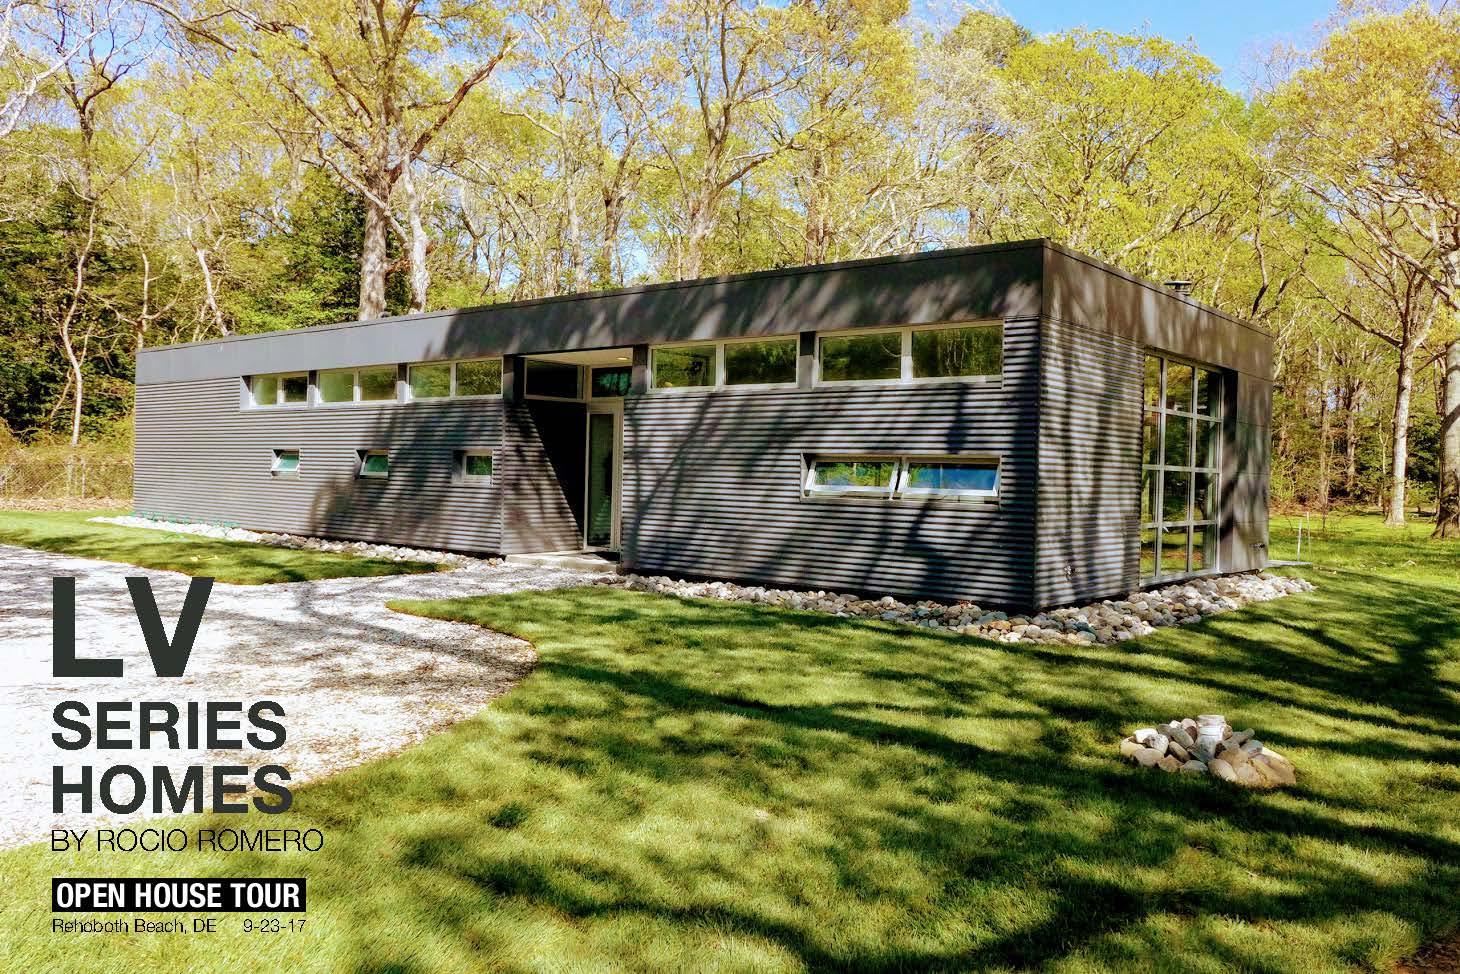 Open House Image.jpg